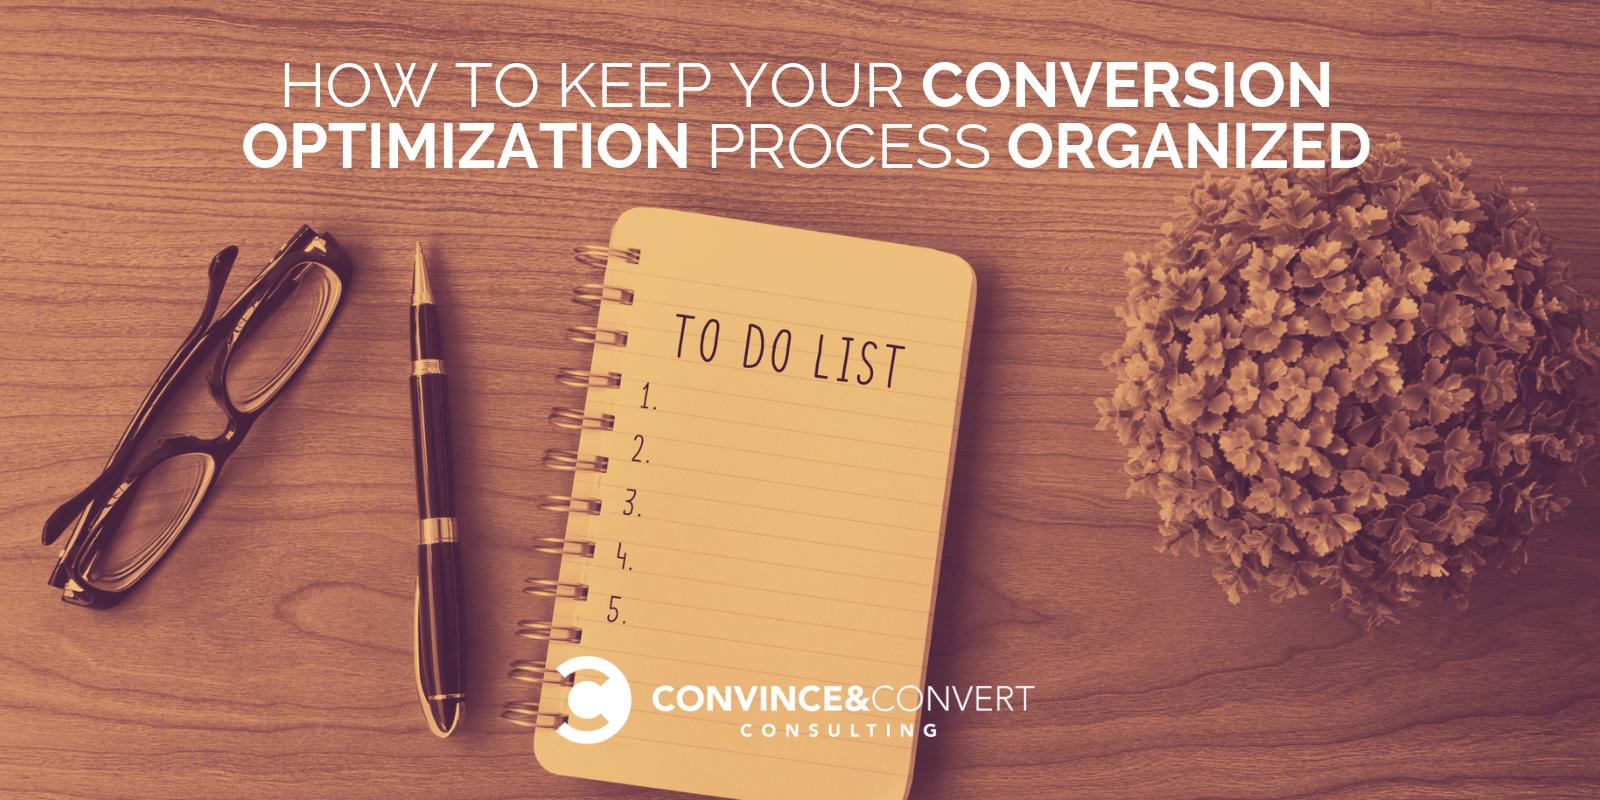 processo di ottimizzazione della conversione organizzato